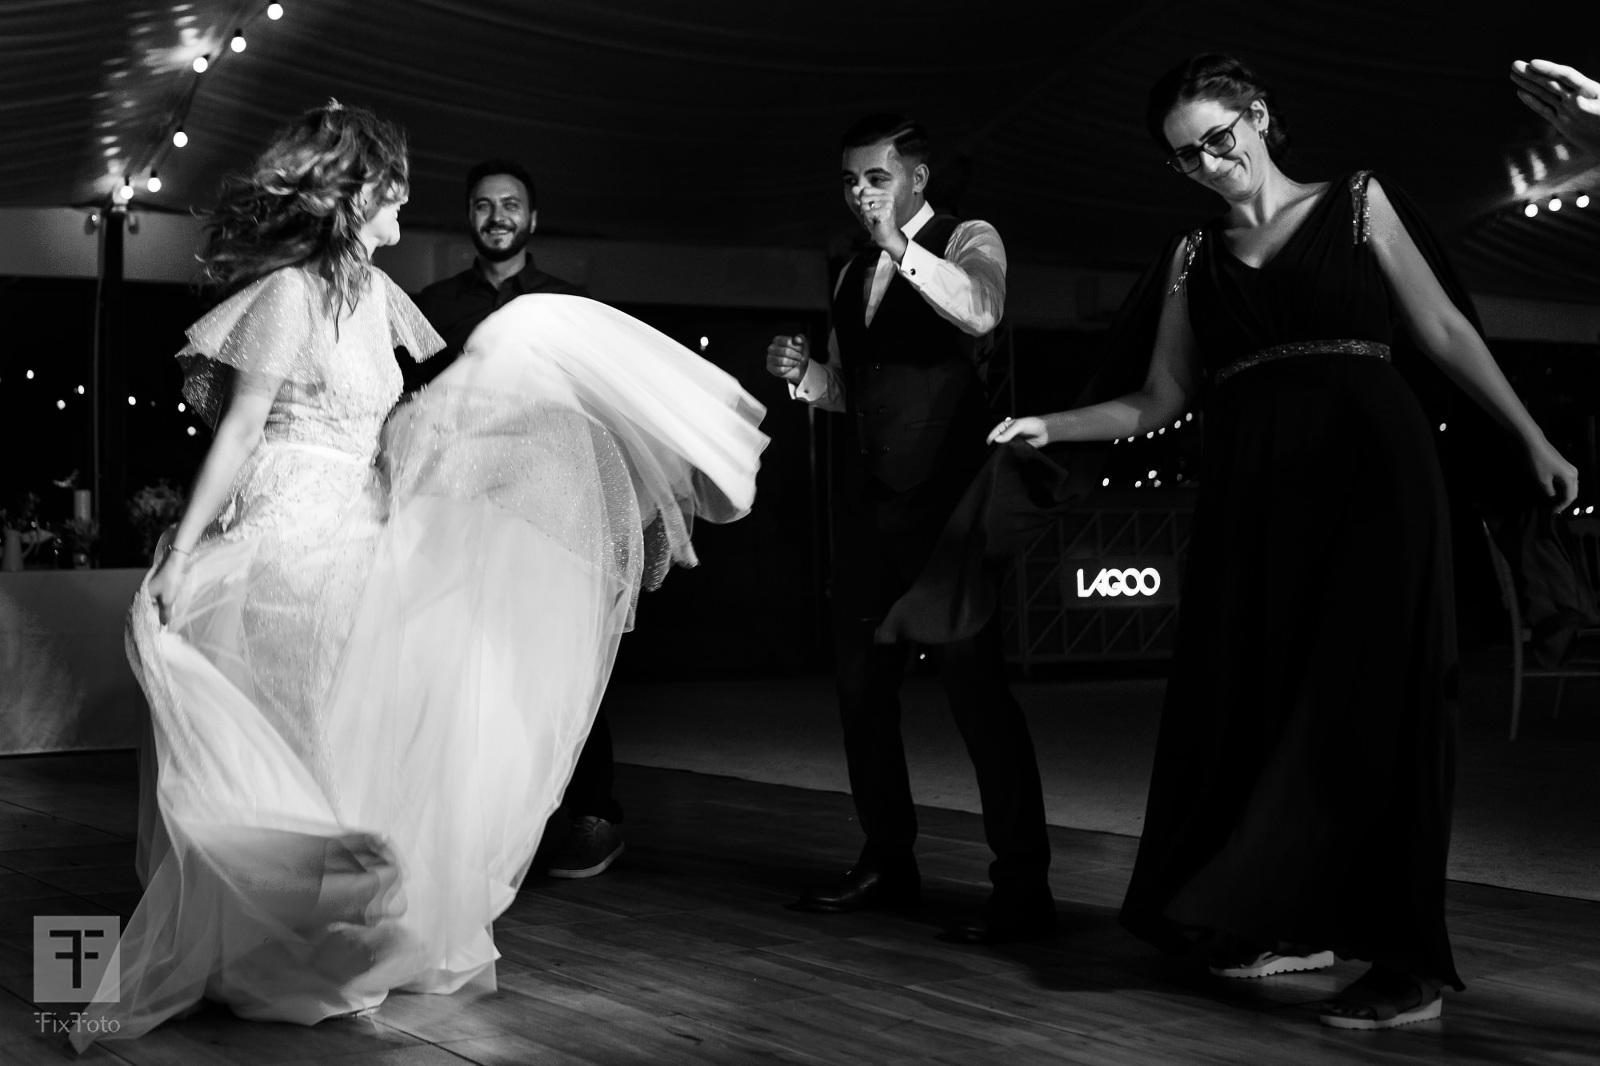 nunta palatul bragadiru, nunta gradina lahovari, nunta tree house, fotograf de nunta, foto nunta bucuresti, foto nunta premiate